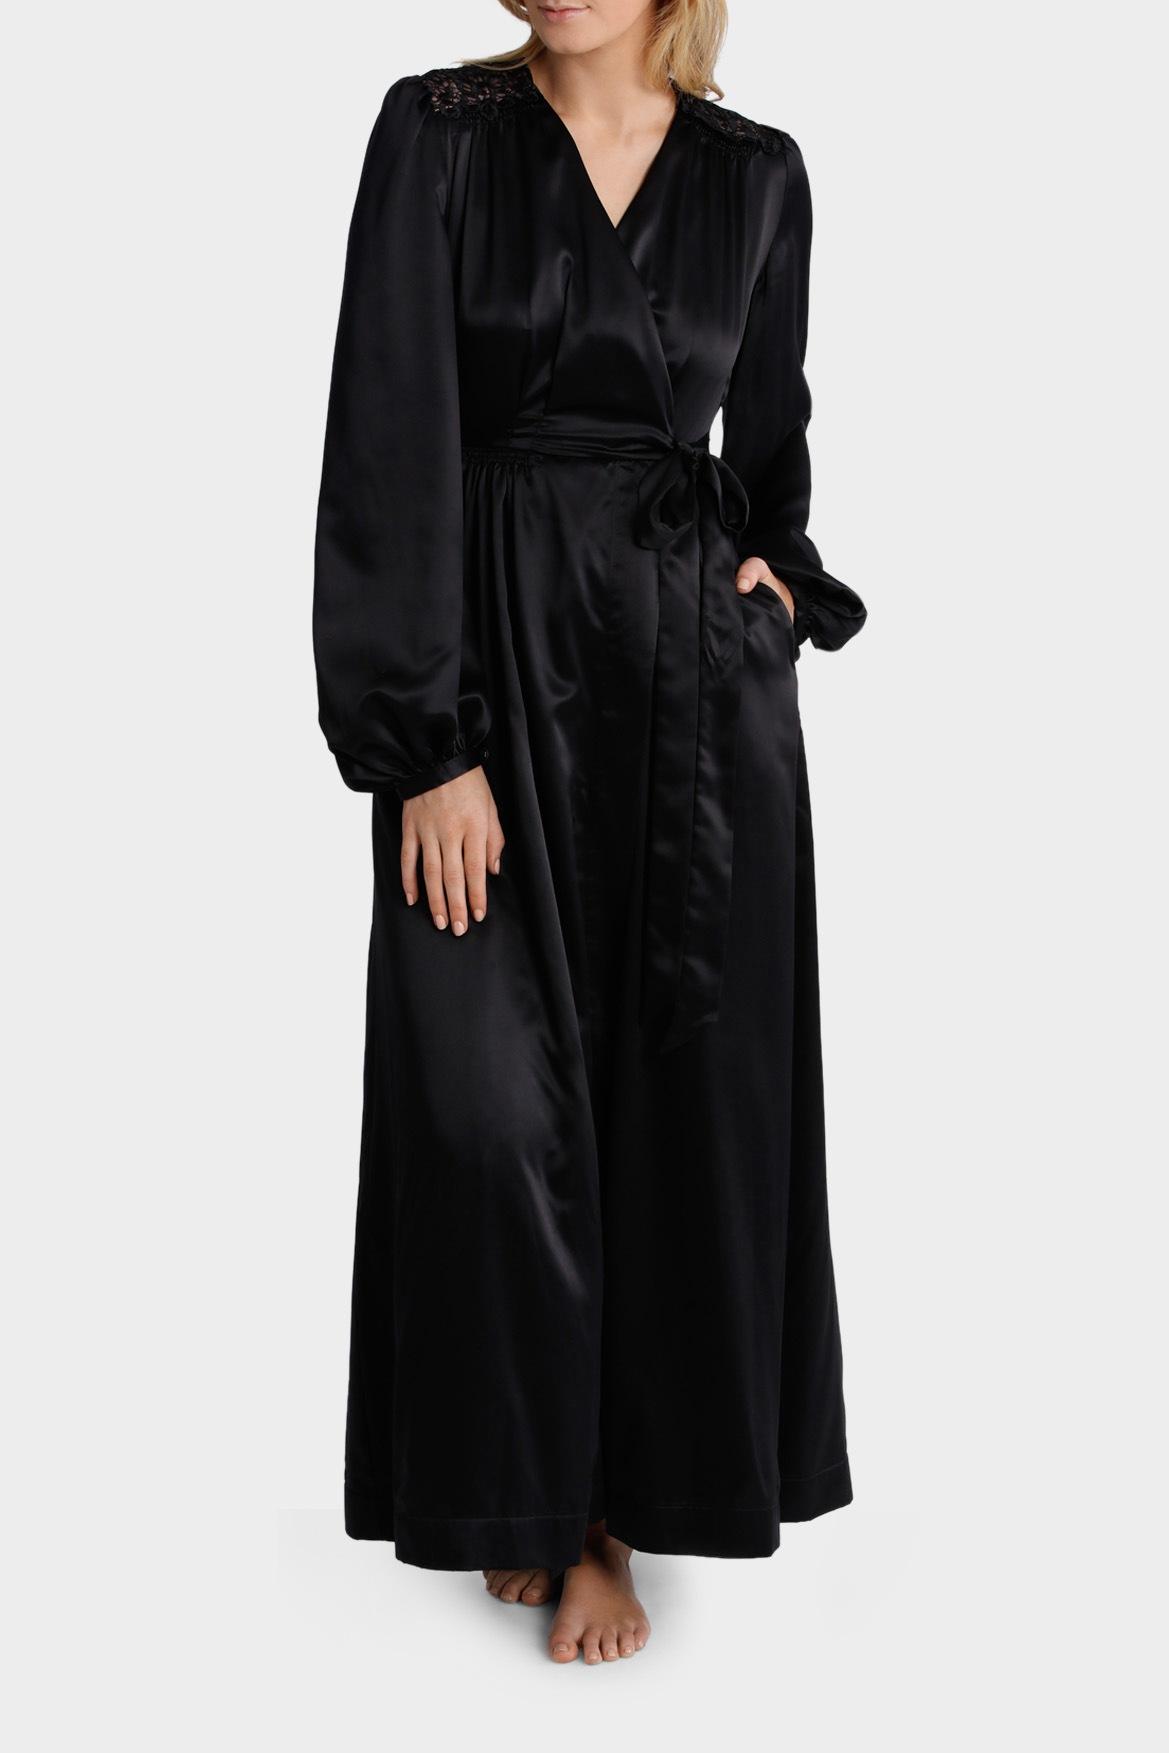 Dita Von Teese | \'Black Dahlia\' gown D64457 | Myer Online